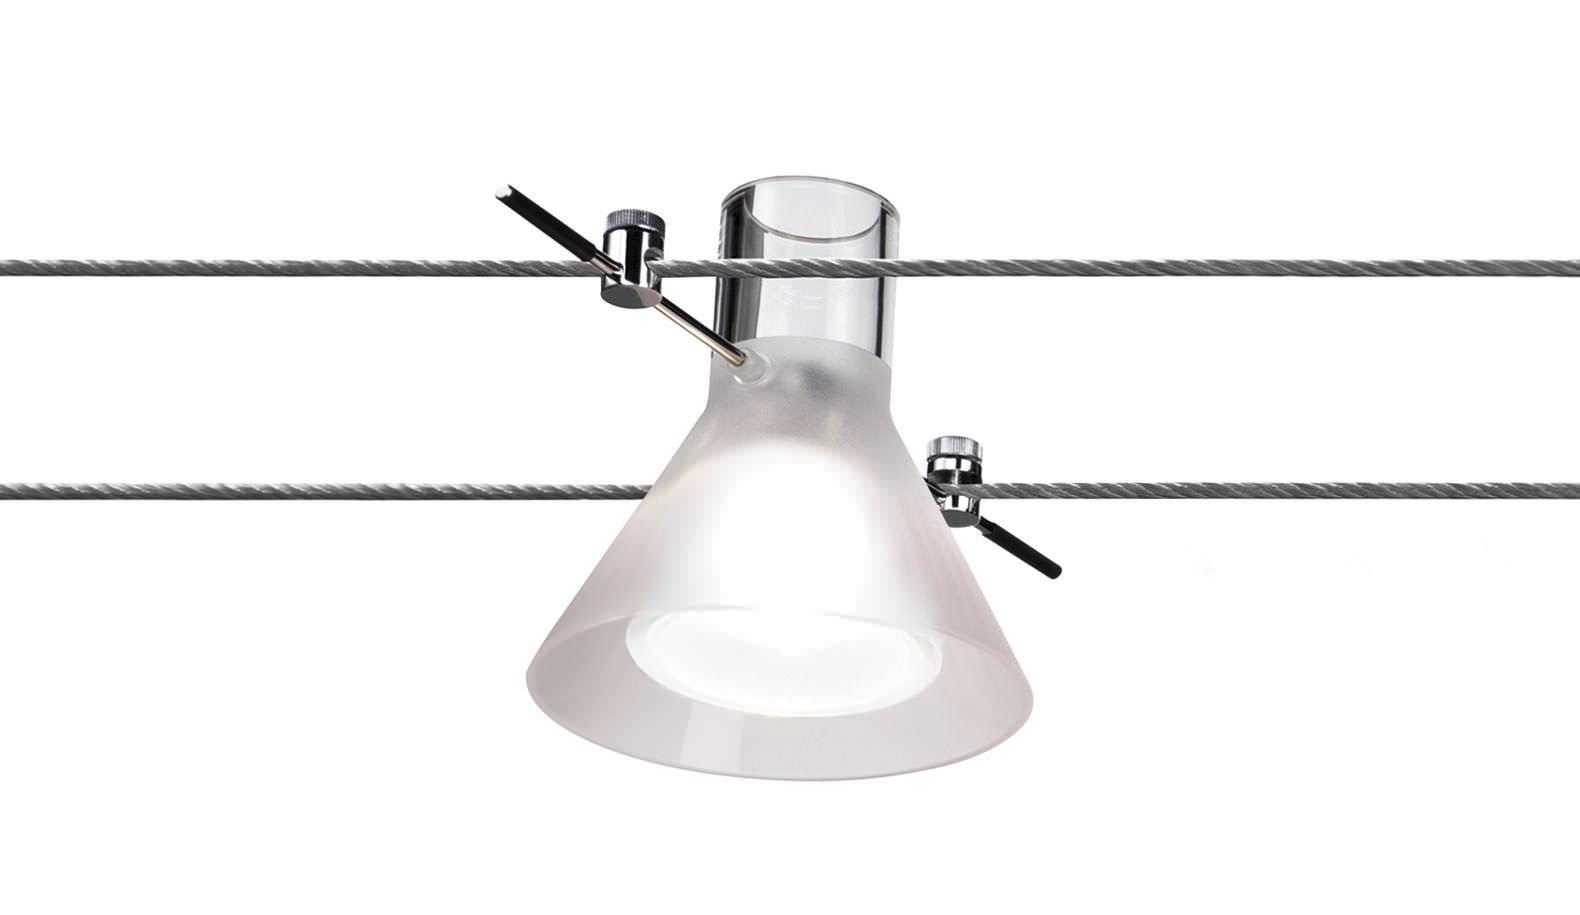 Basse Tension Salle De Bain Éclairage sur câble halogène / rond / en verre soufflé / en